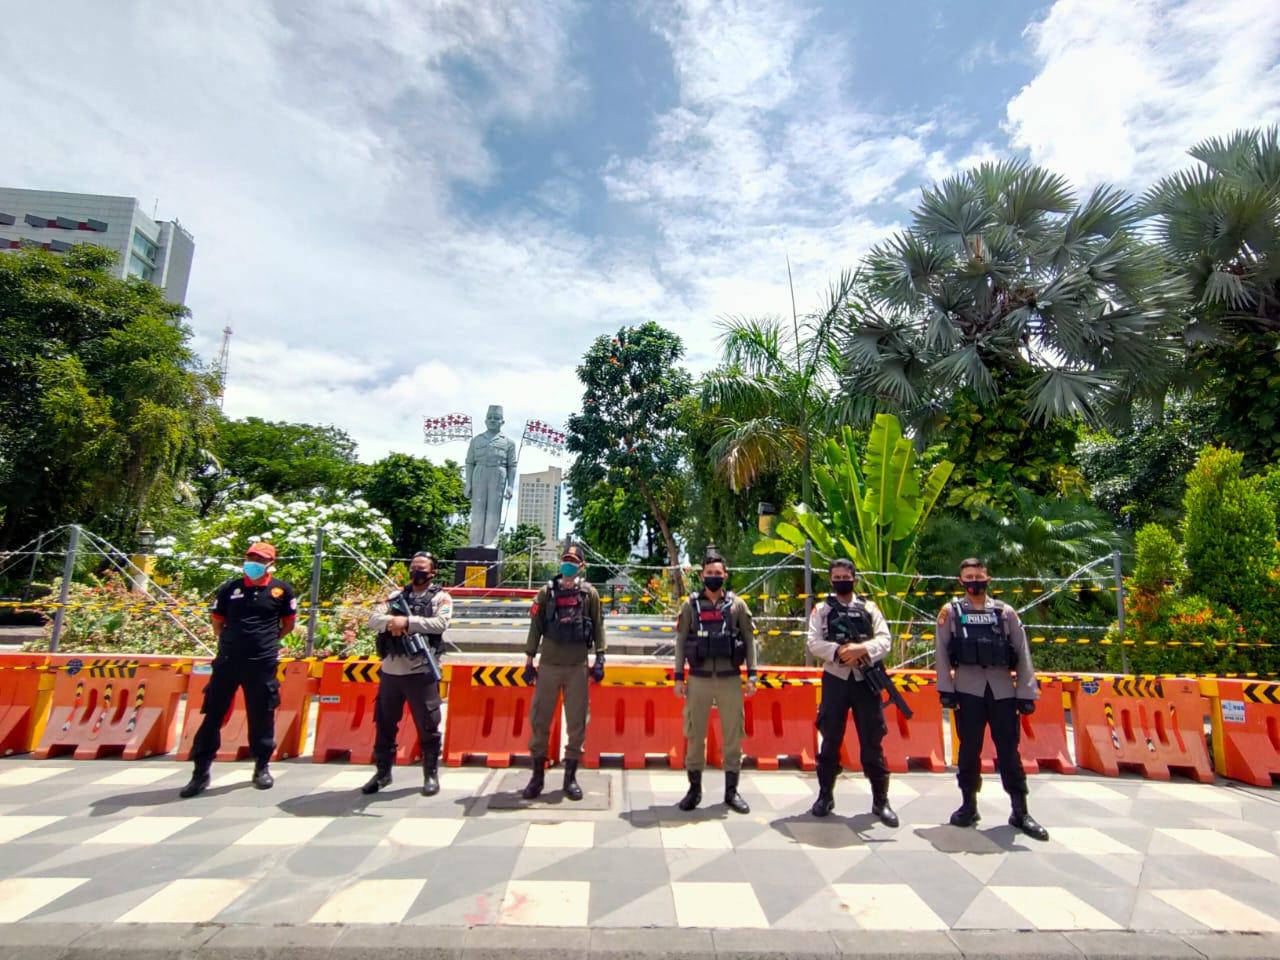 Amankan Demo Omnibus Law, Masa tertib dan aman terkendali